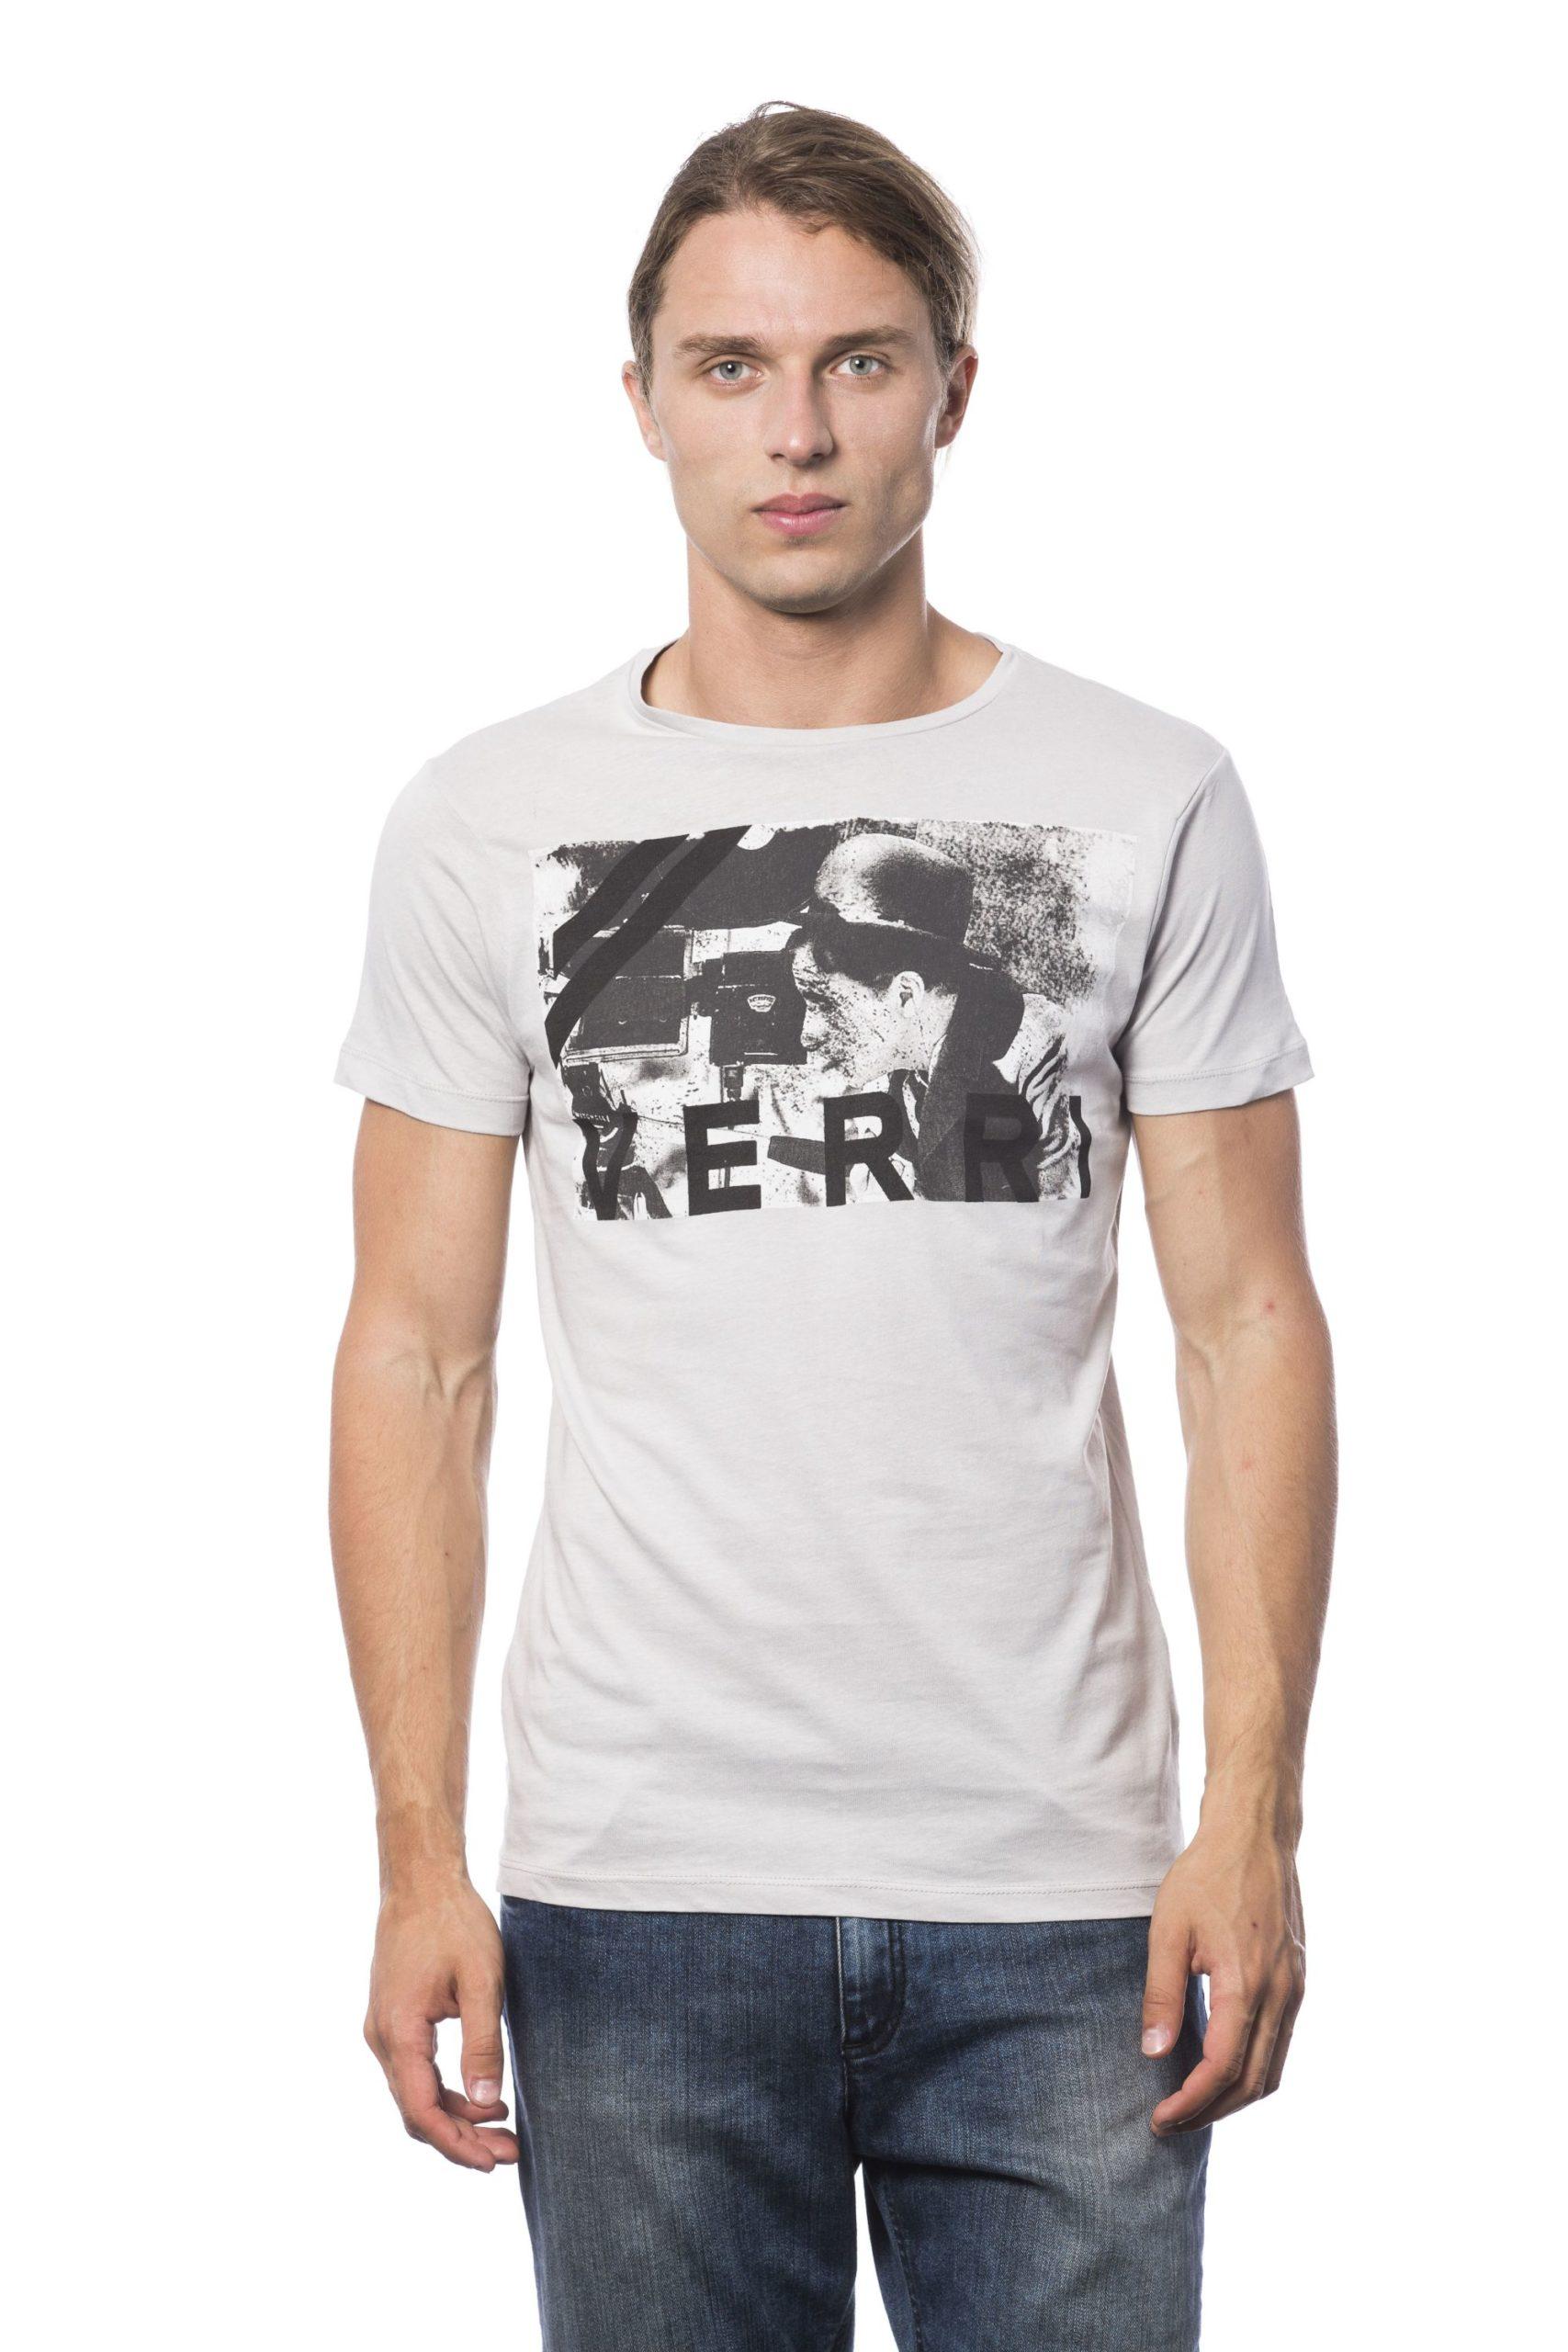 Verri Men's Grigioperla T-Shirt Gray VE681270 - S